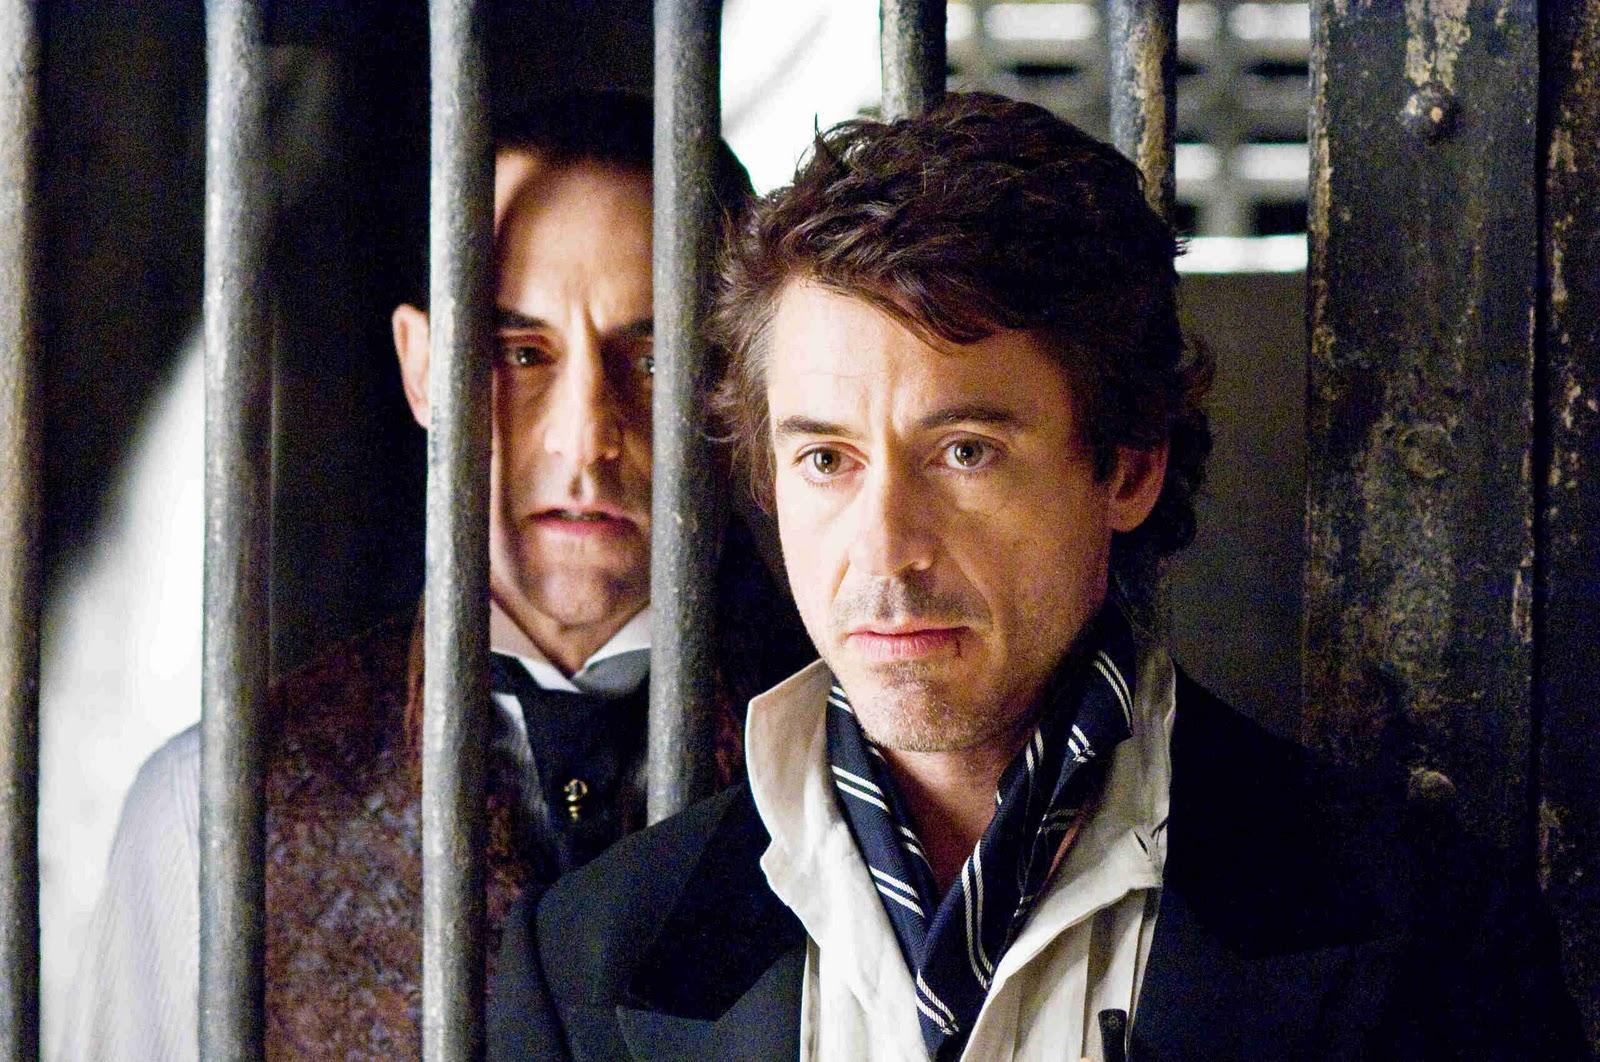 http://2.bp.blogspot.com/_Dmp6FDXQr6M/TSOcKJ5sLfI/AAAAAAAAAzQ/zPGOHS_IAcc/s1600/Robert-Downey-Jr.jpg